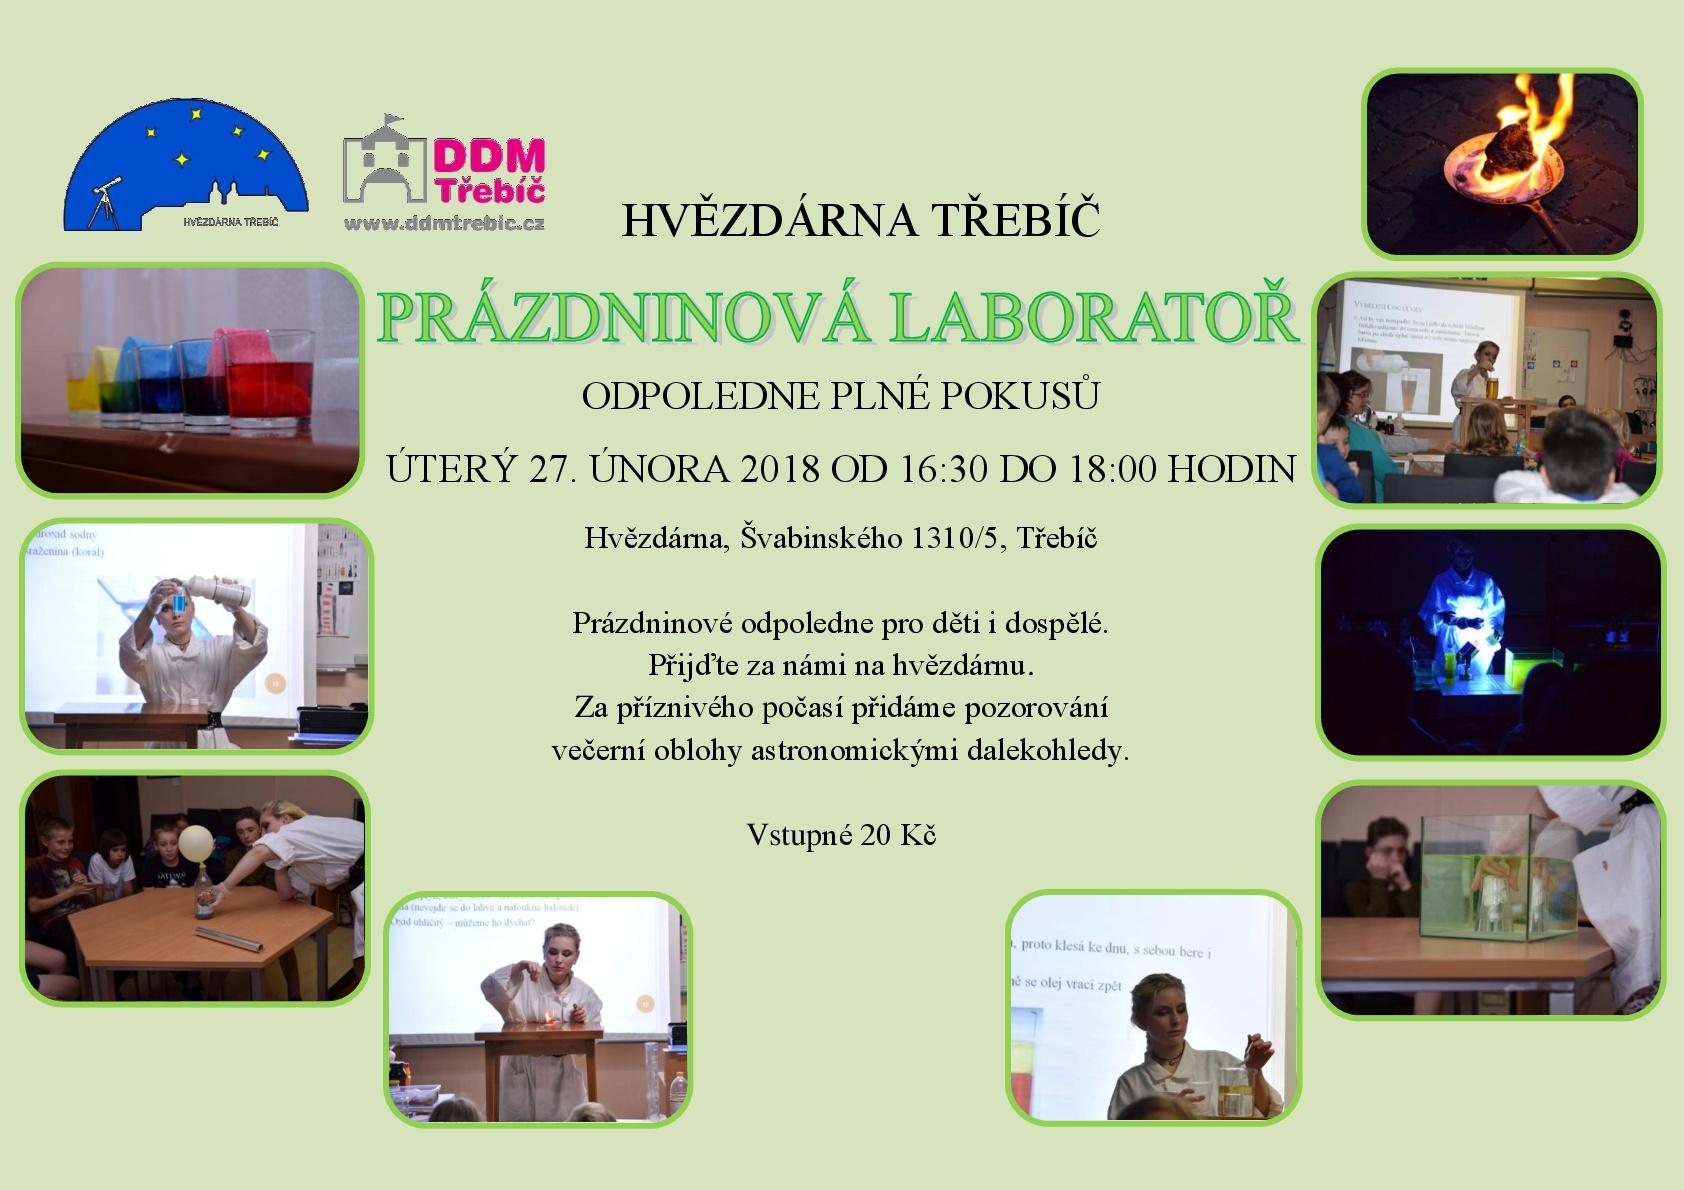 Prázdninová laboratoř na hvězdárně @ Hvězdárna | Třebíč | Kraj Vysočina | Česko